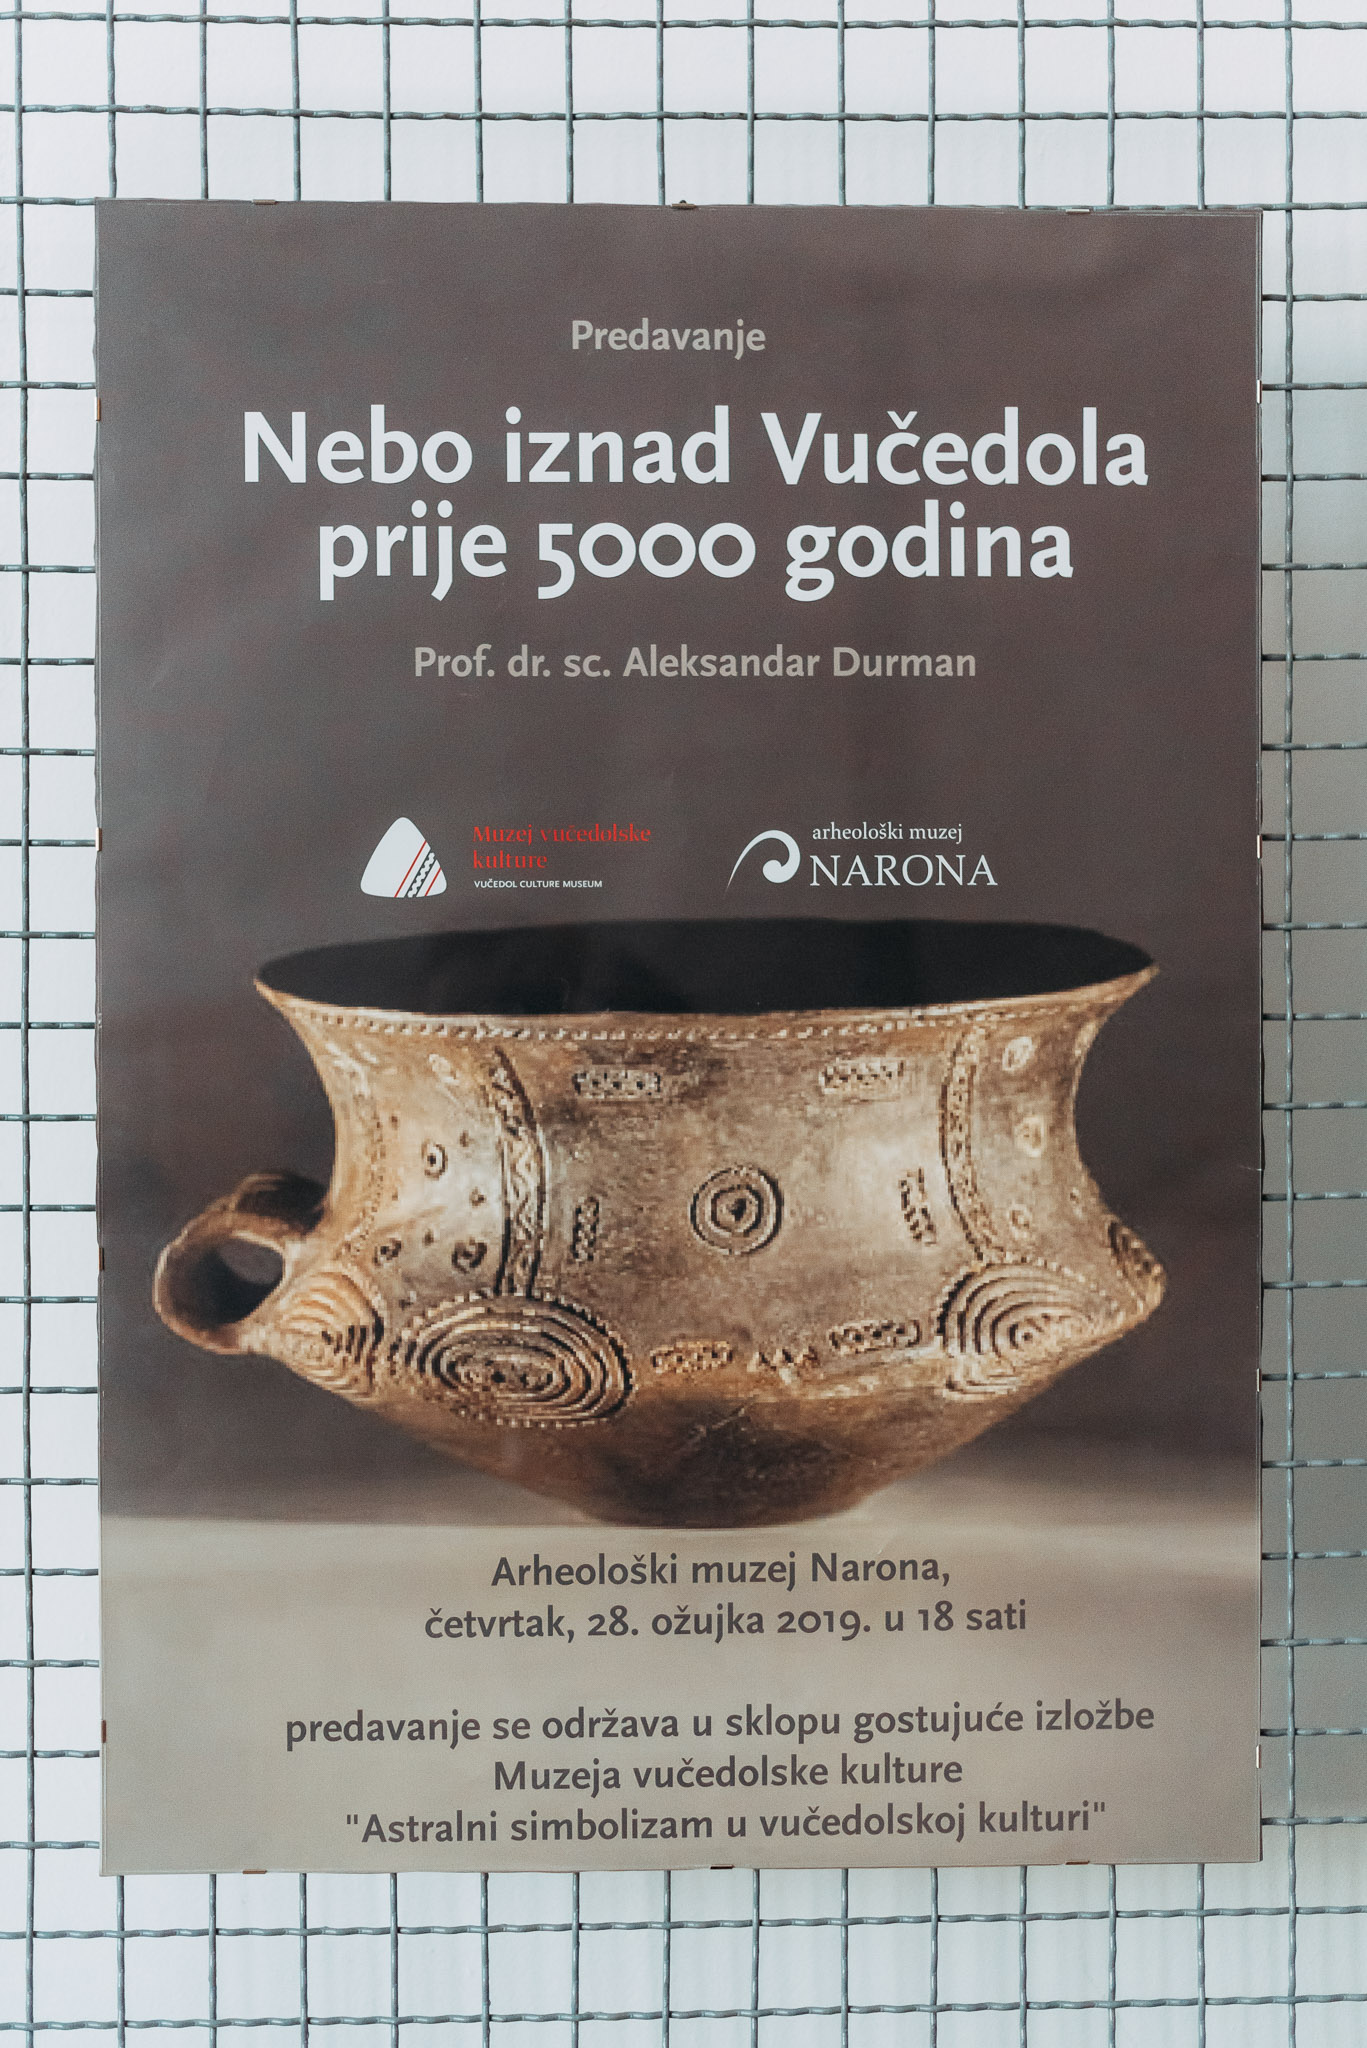 Astralni simbolizam u vučedoskoj kulturi